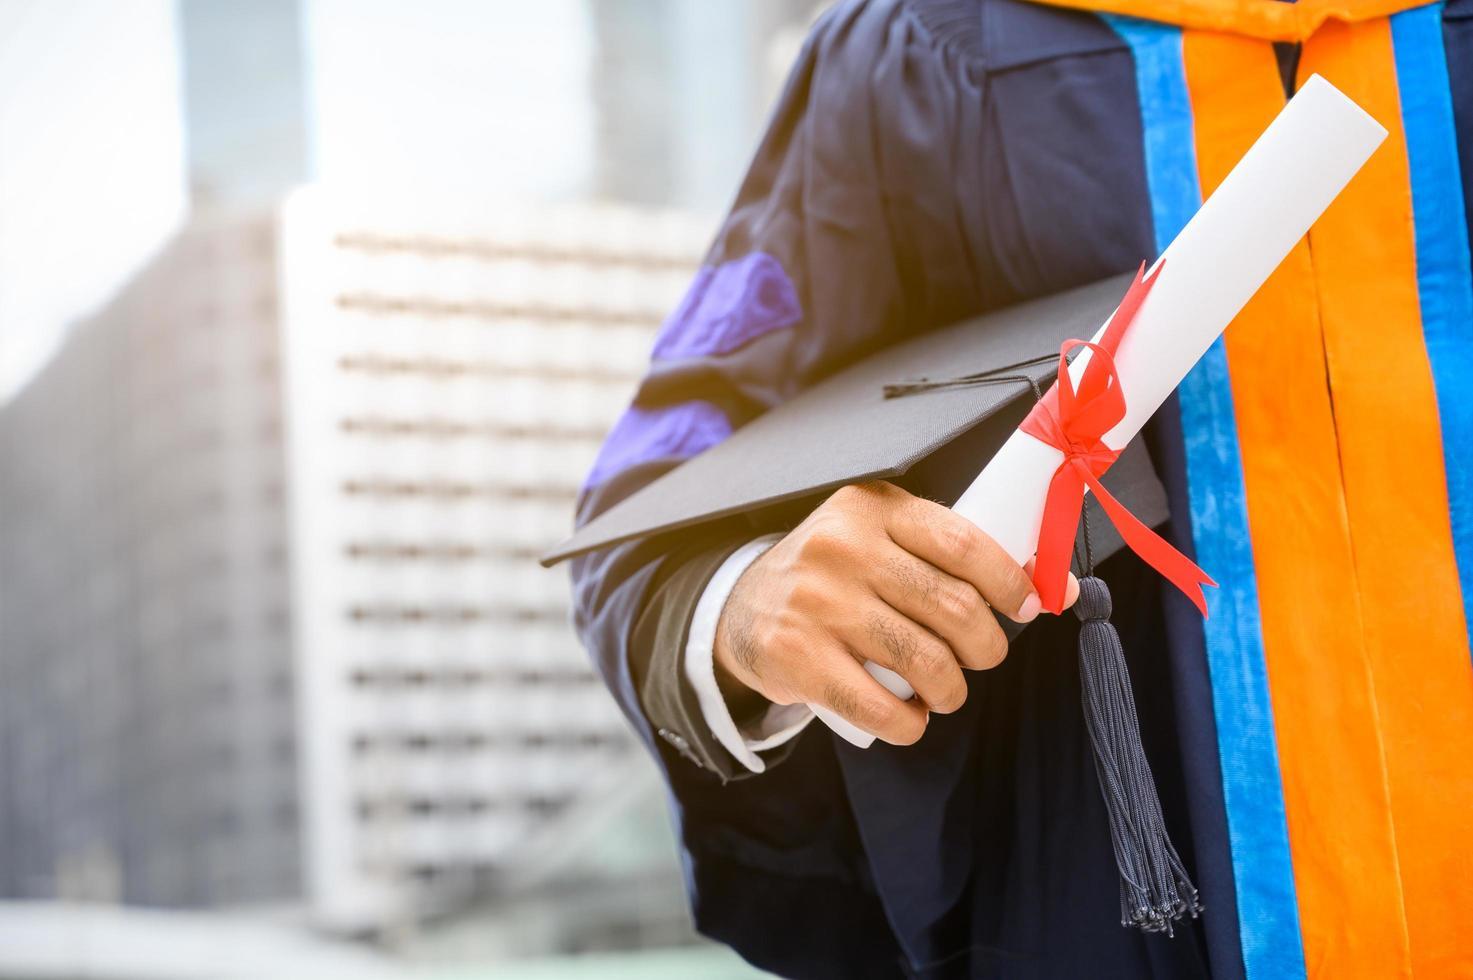 närbild av en examen som innehar examensbevis foto